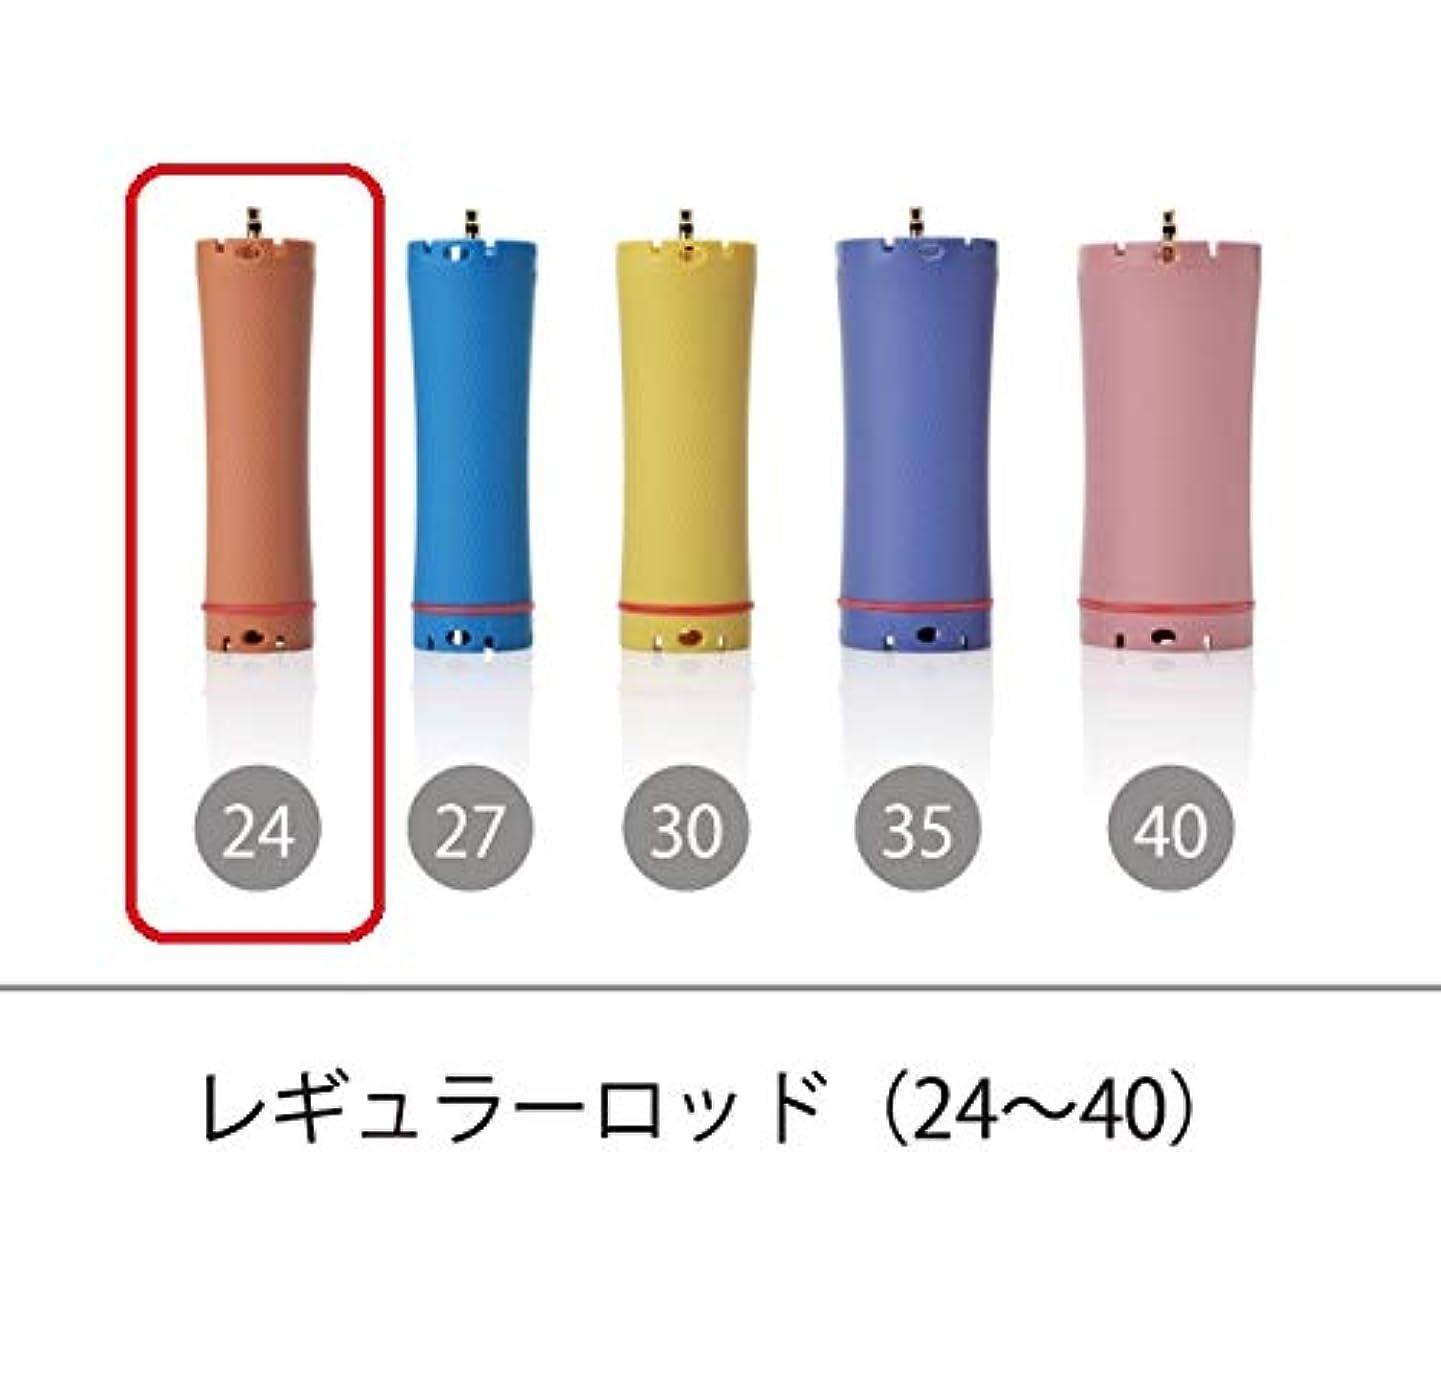 流行粒ガソリンソキウス 専用ロッド レギュラーロッド 24mm